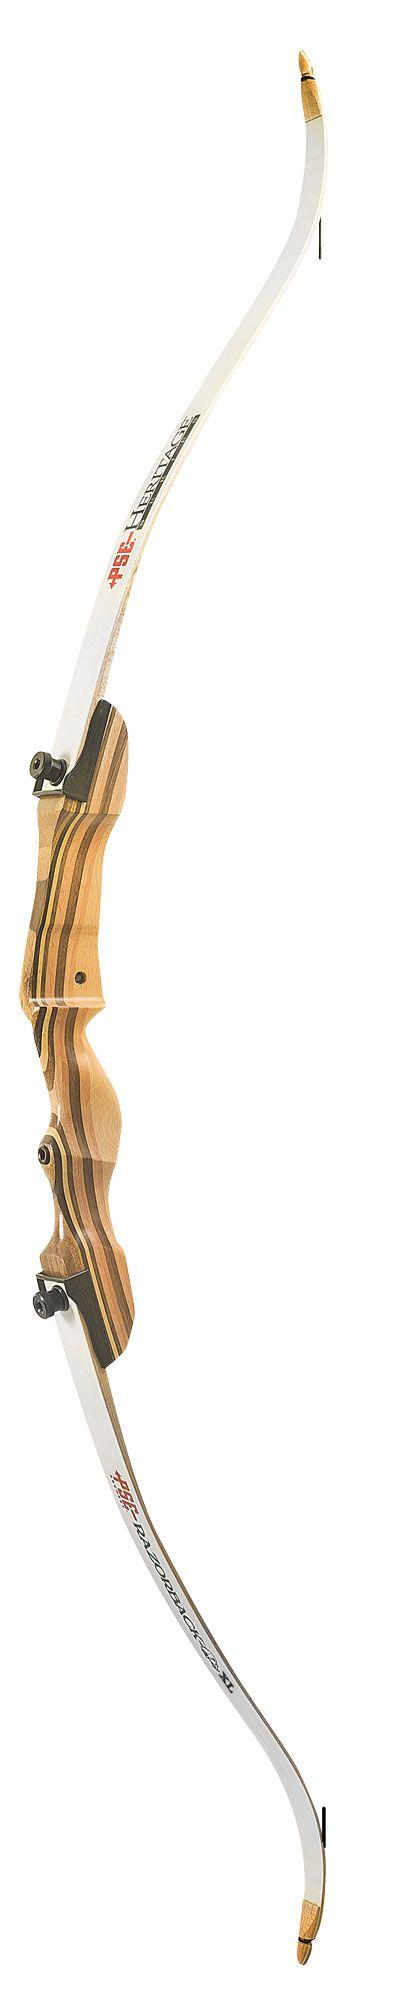 PSE Razorback Recurve Bow - $104.99